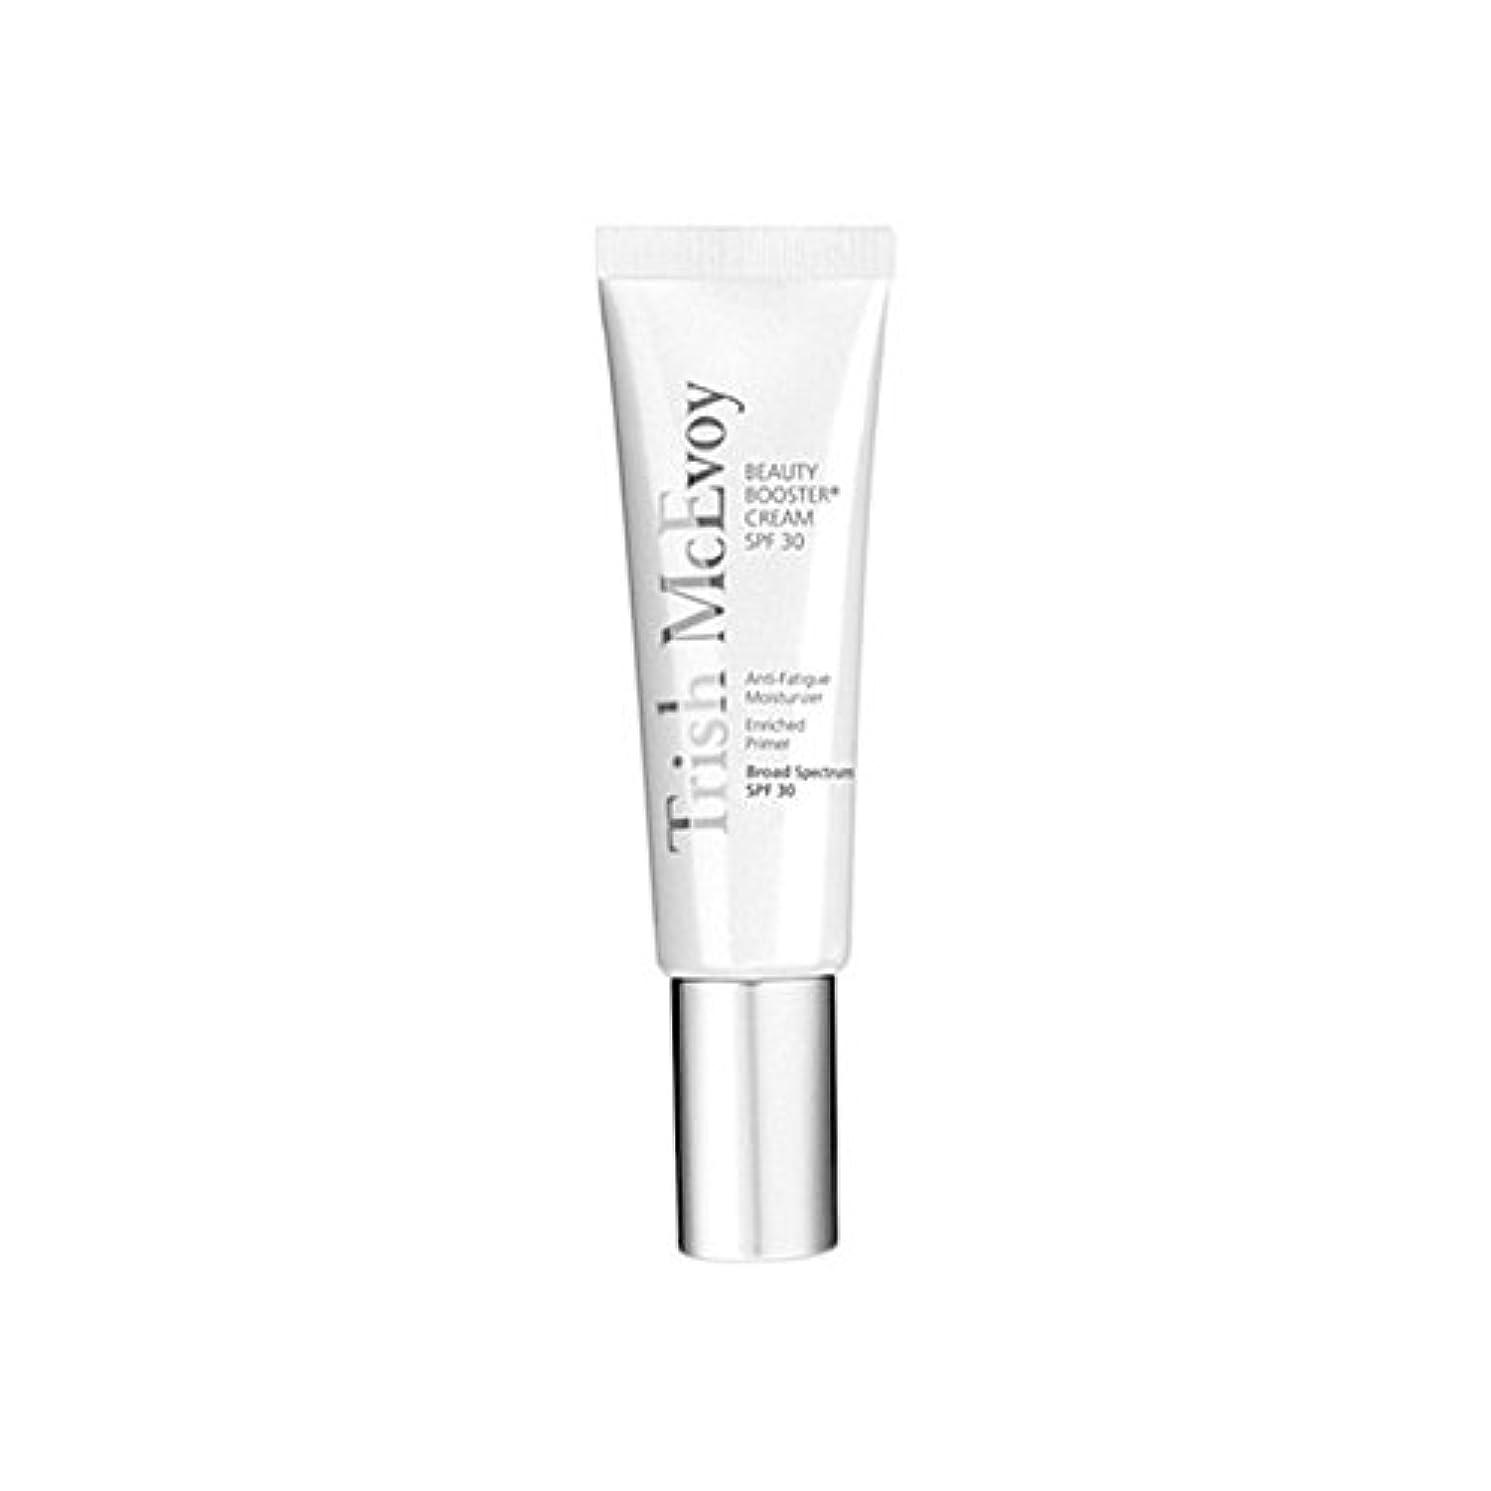 ヨーロッパ副絞るTrish Mcevoy Beauty Booster Cream Spf 30 55ml (Pack of 6) - トリッシュ?マクエボイの美しブースタークリーム 30 55ミリリットル x6 [並行輸入品]